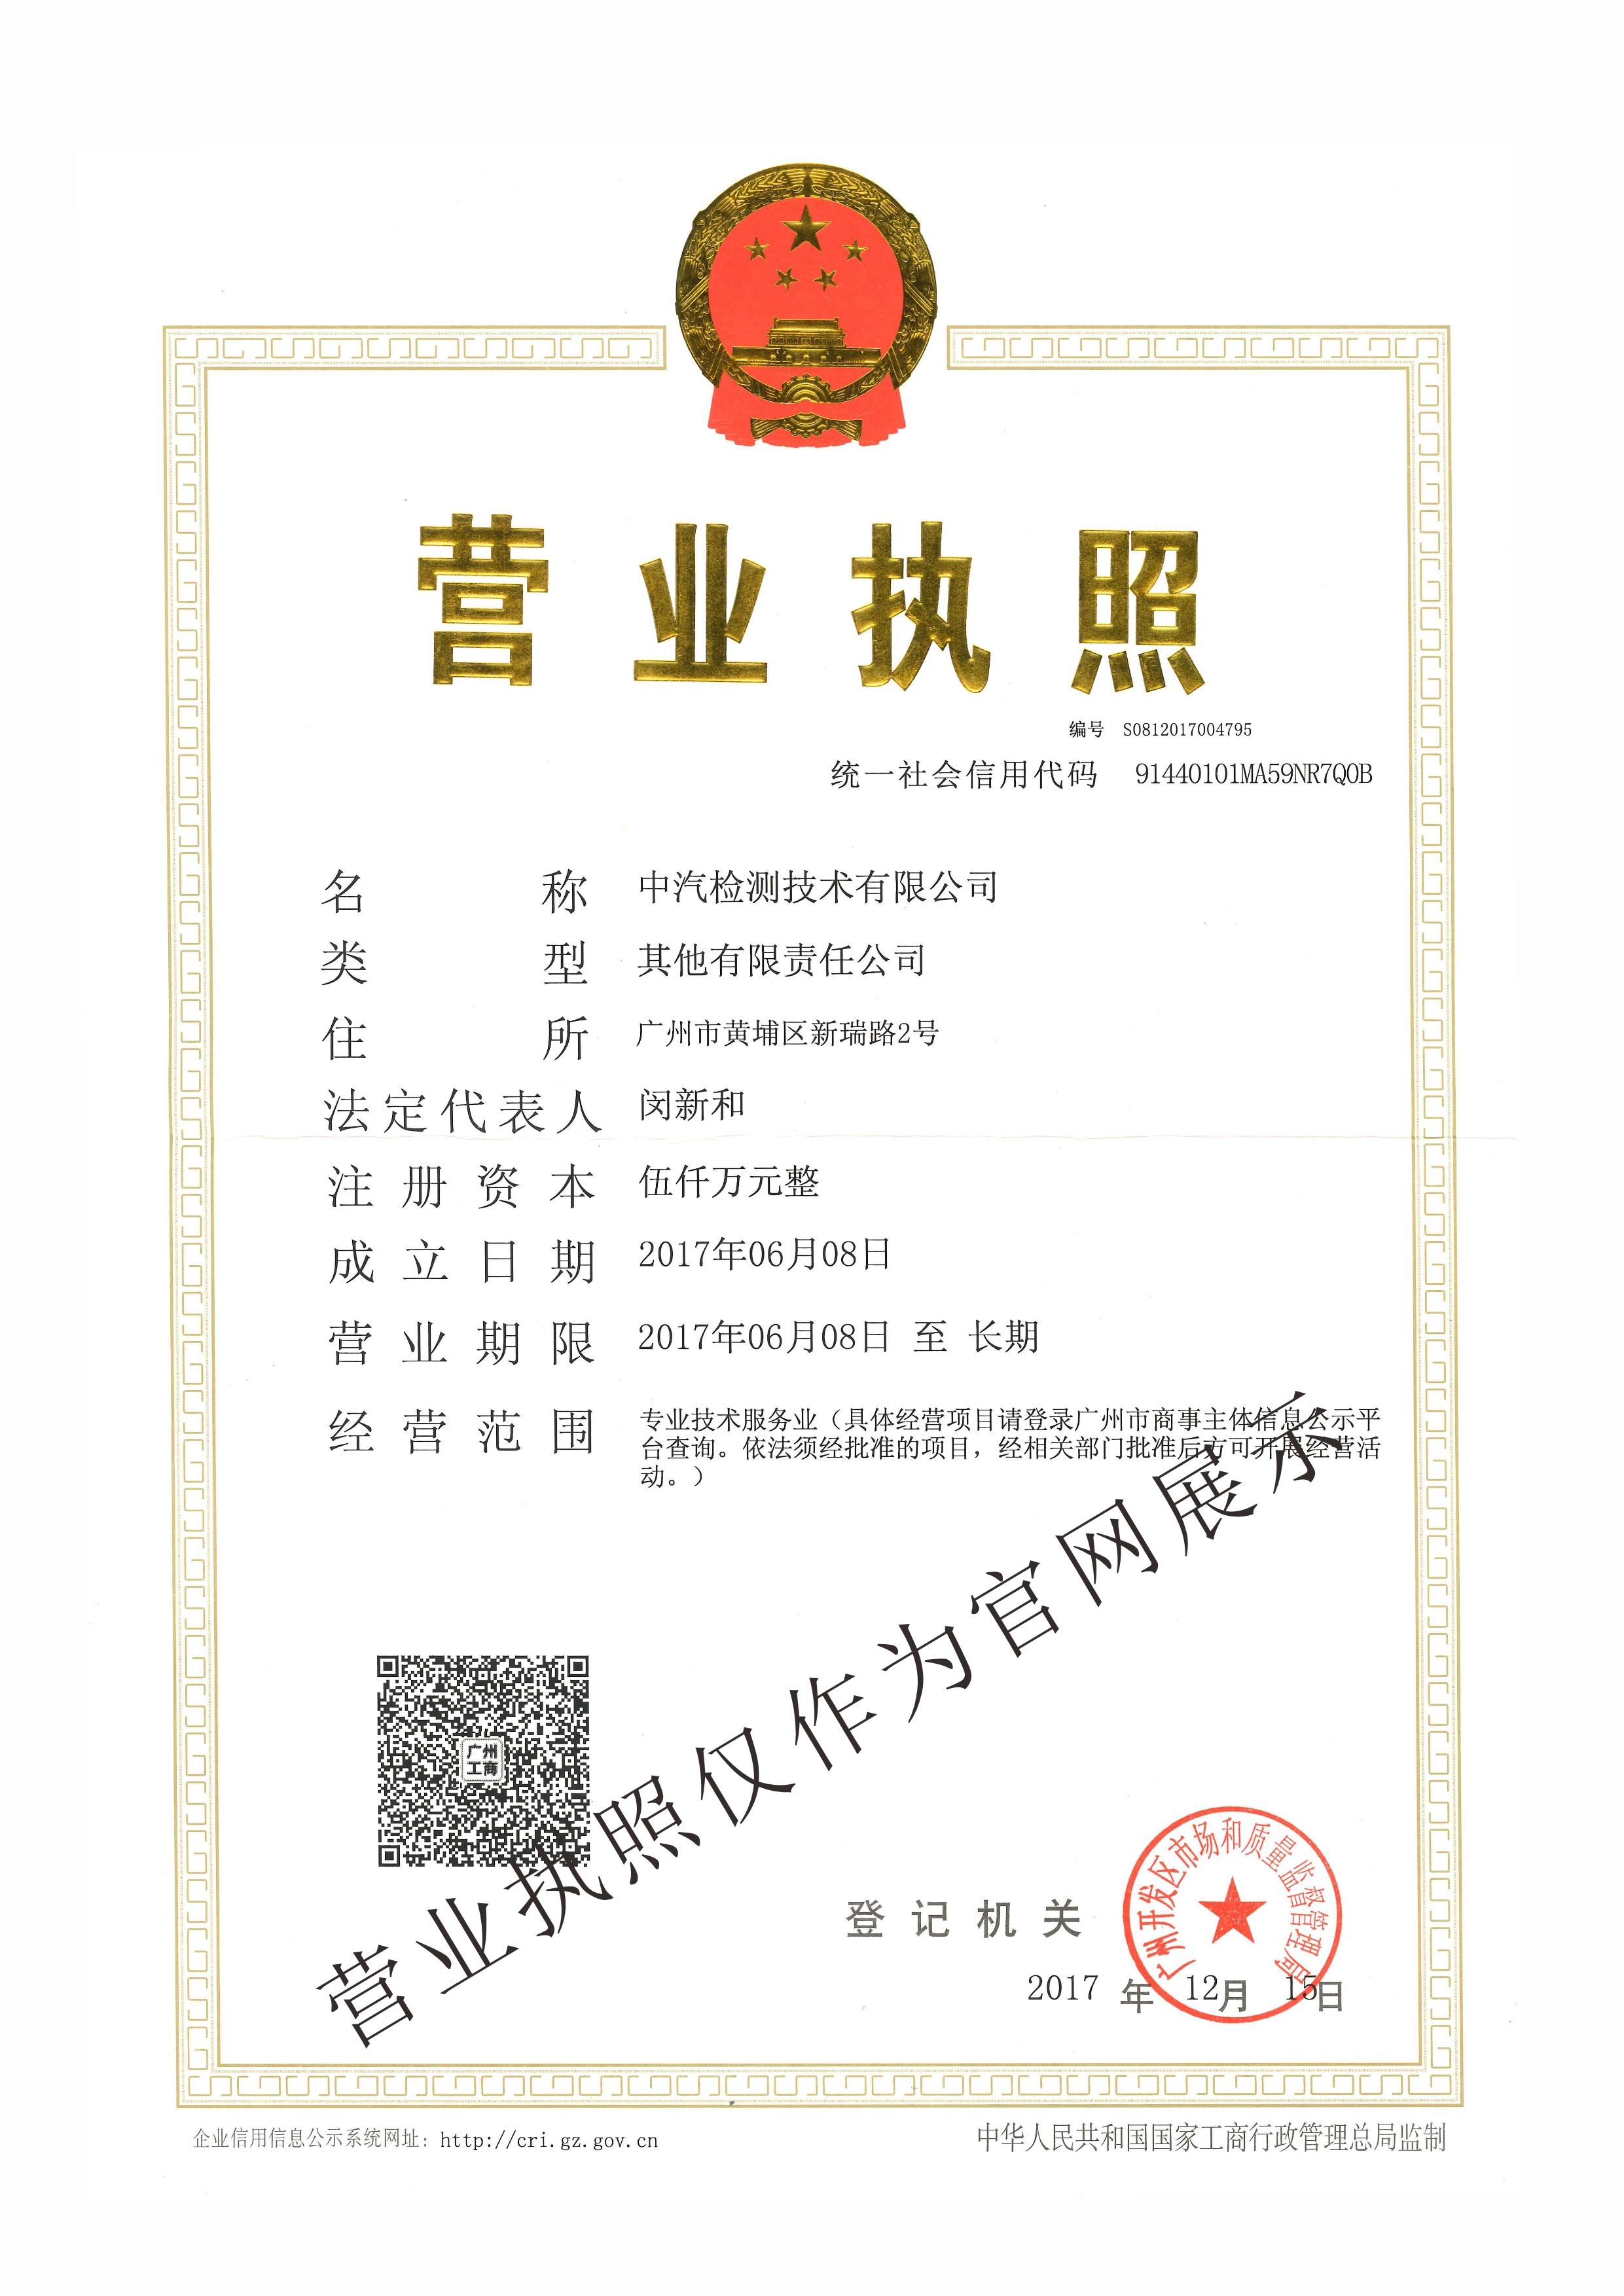 中汽检测营业执照-网站展示